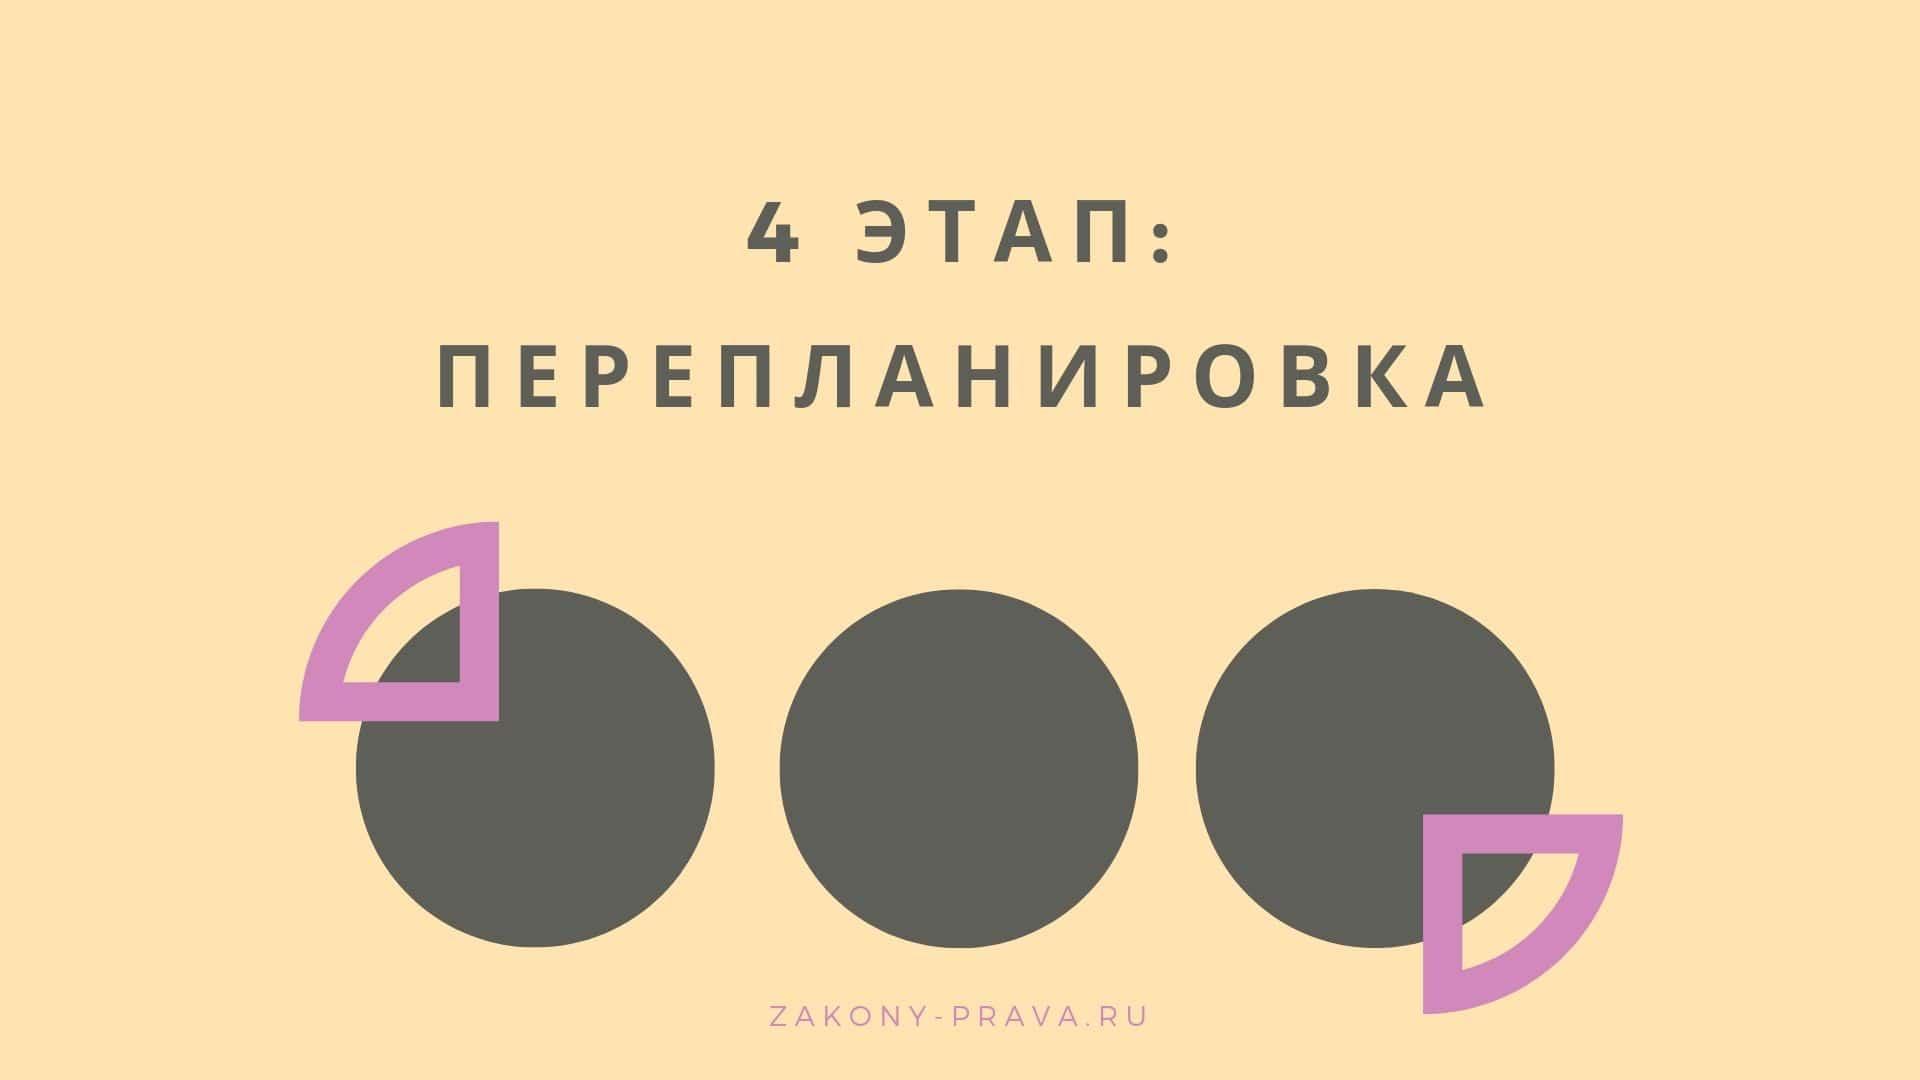 4 этап - перепланировка